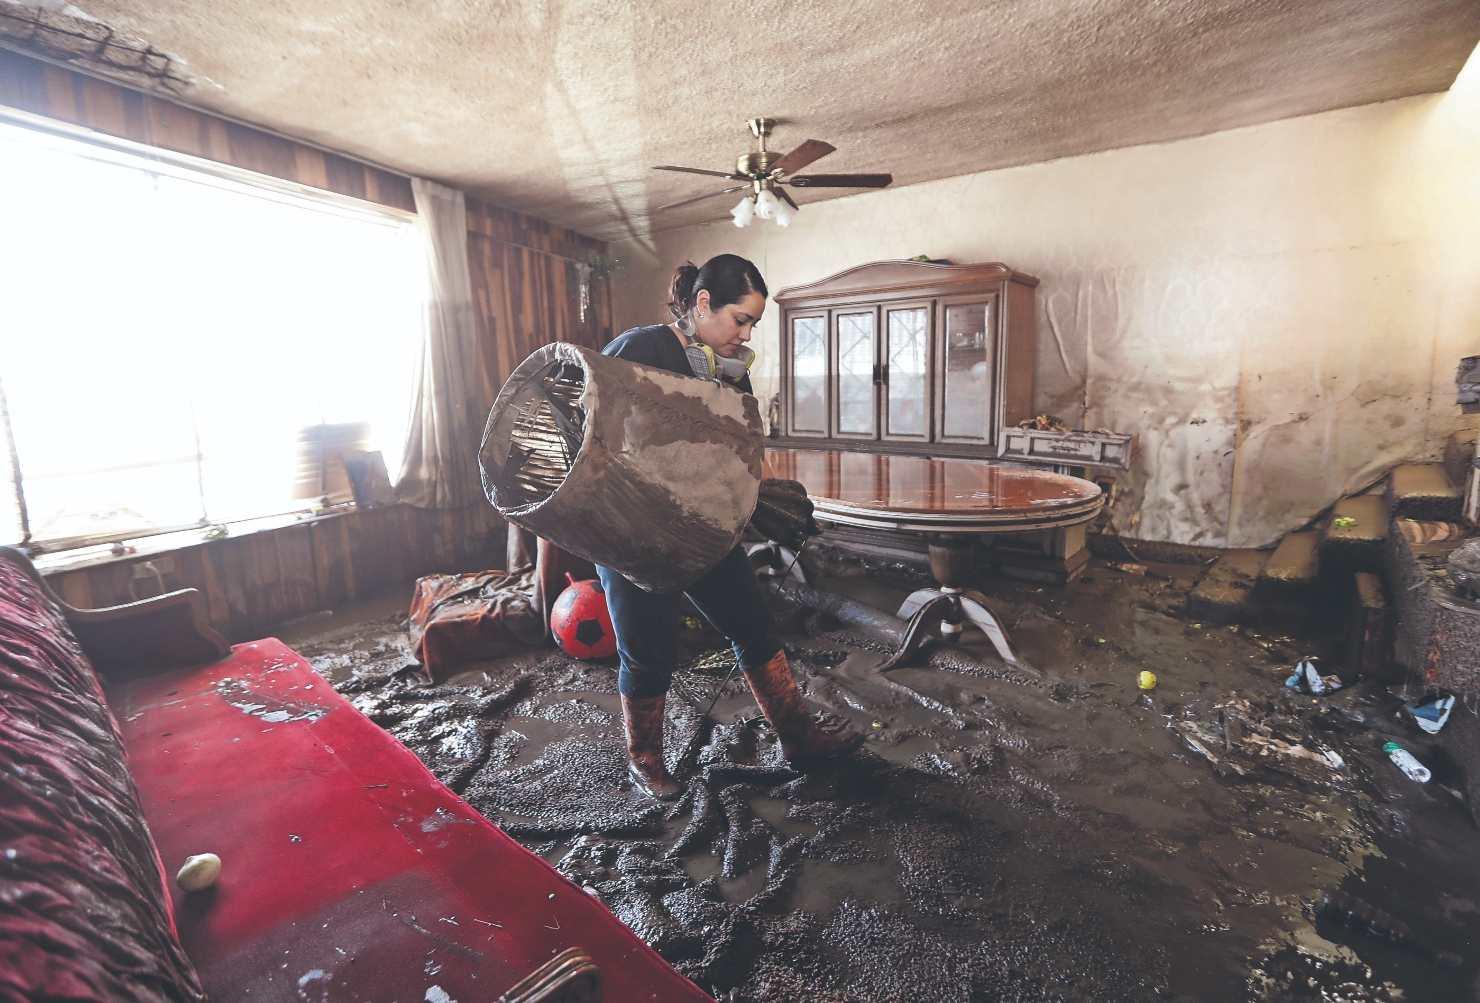 Tras finalizar inundaciones, habitantes de Hidalgo lo pierden todo